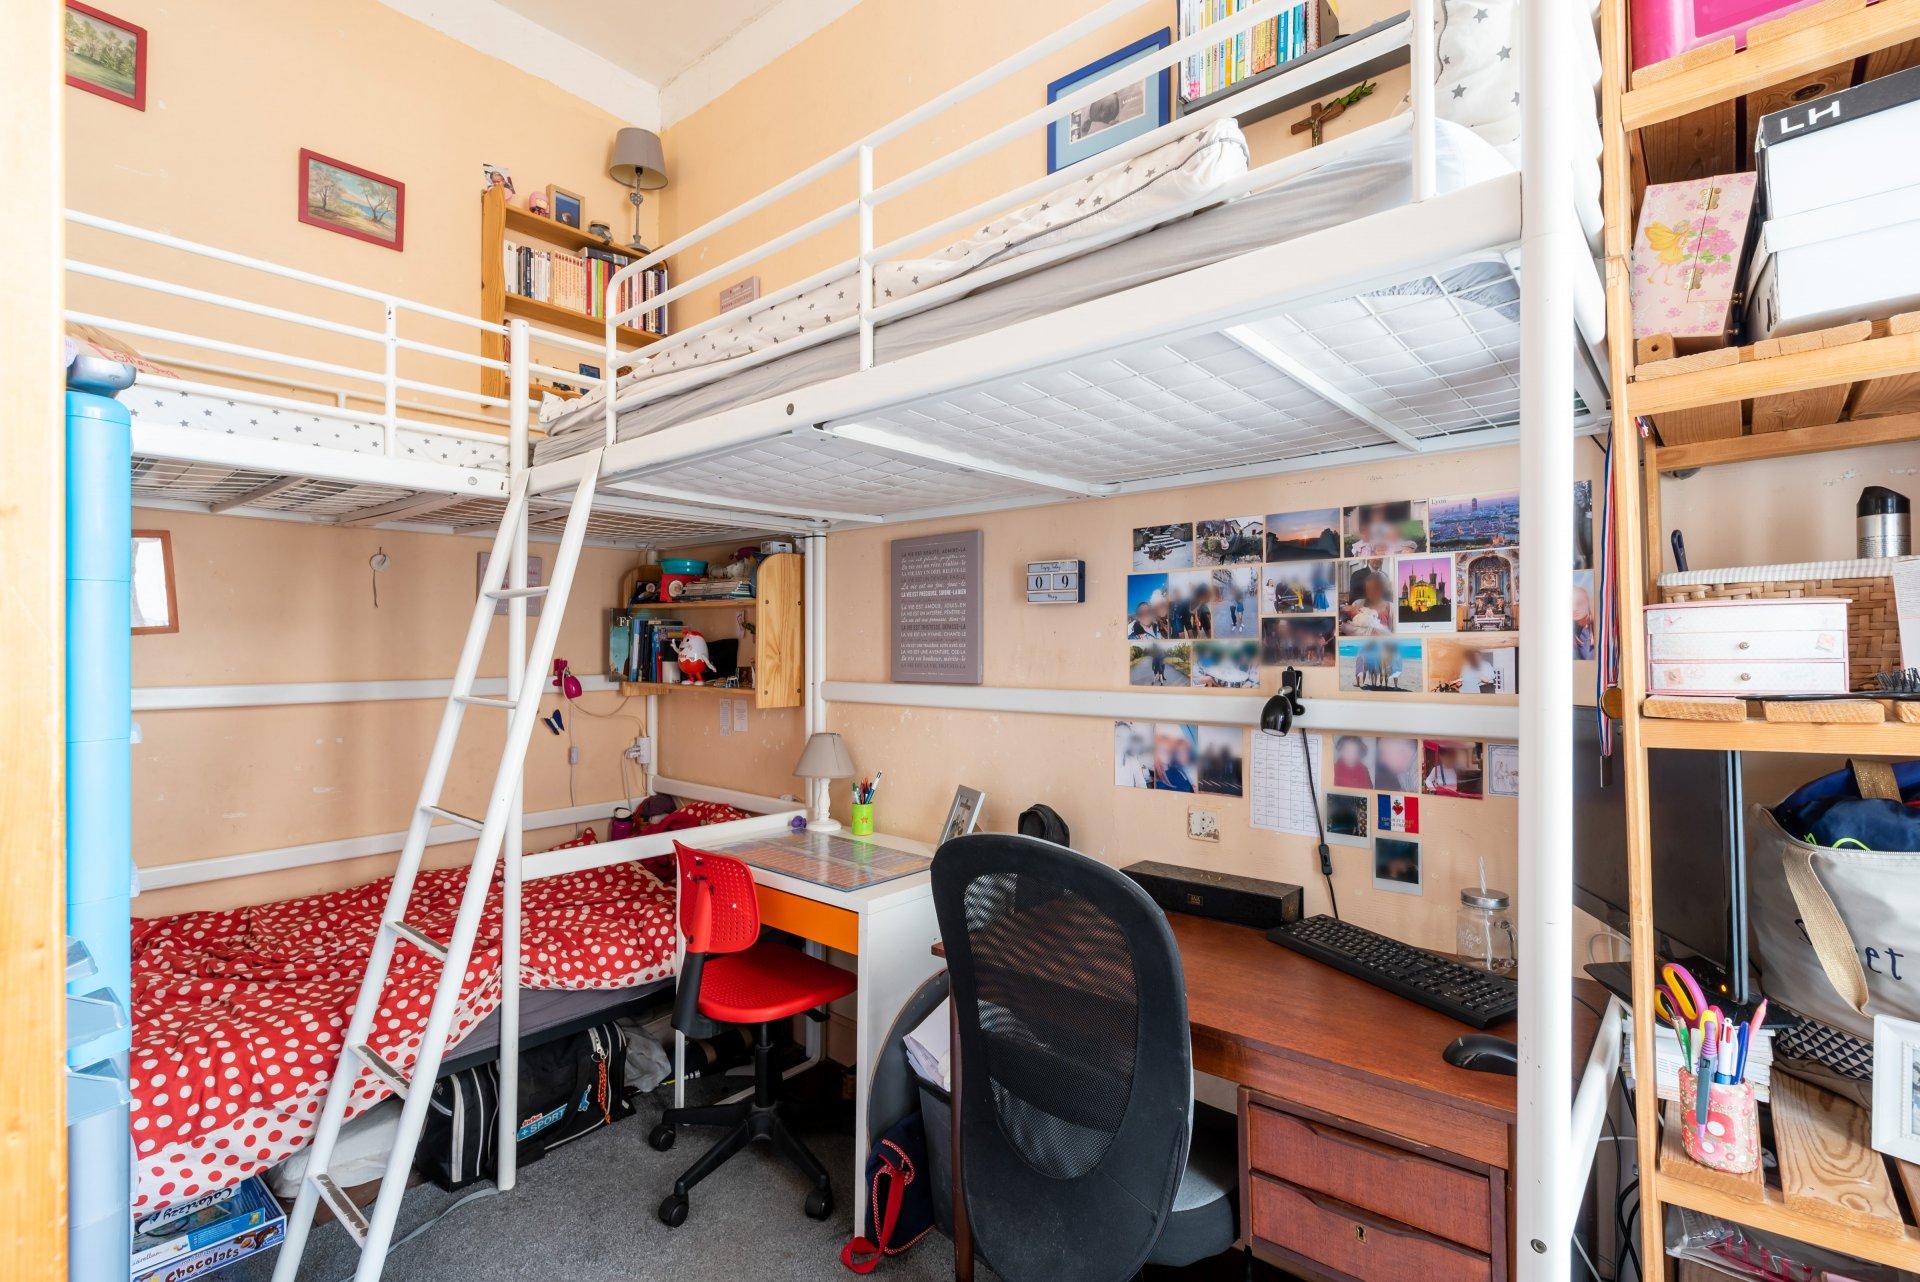 LYON 2 - Place Carnot - Grand T4 117m² à rénover